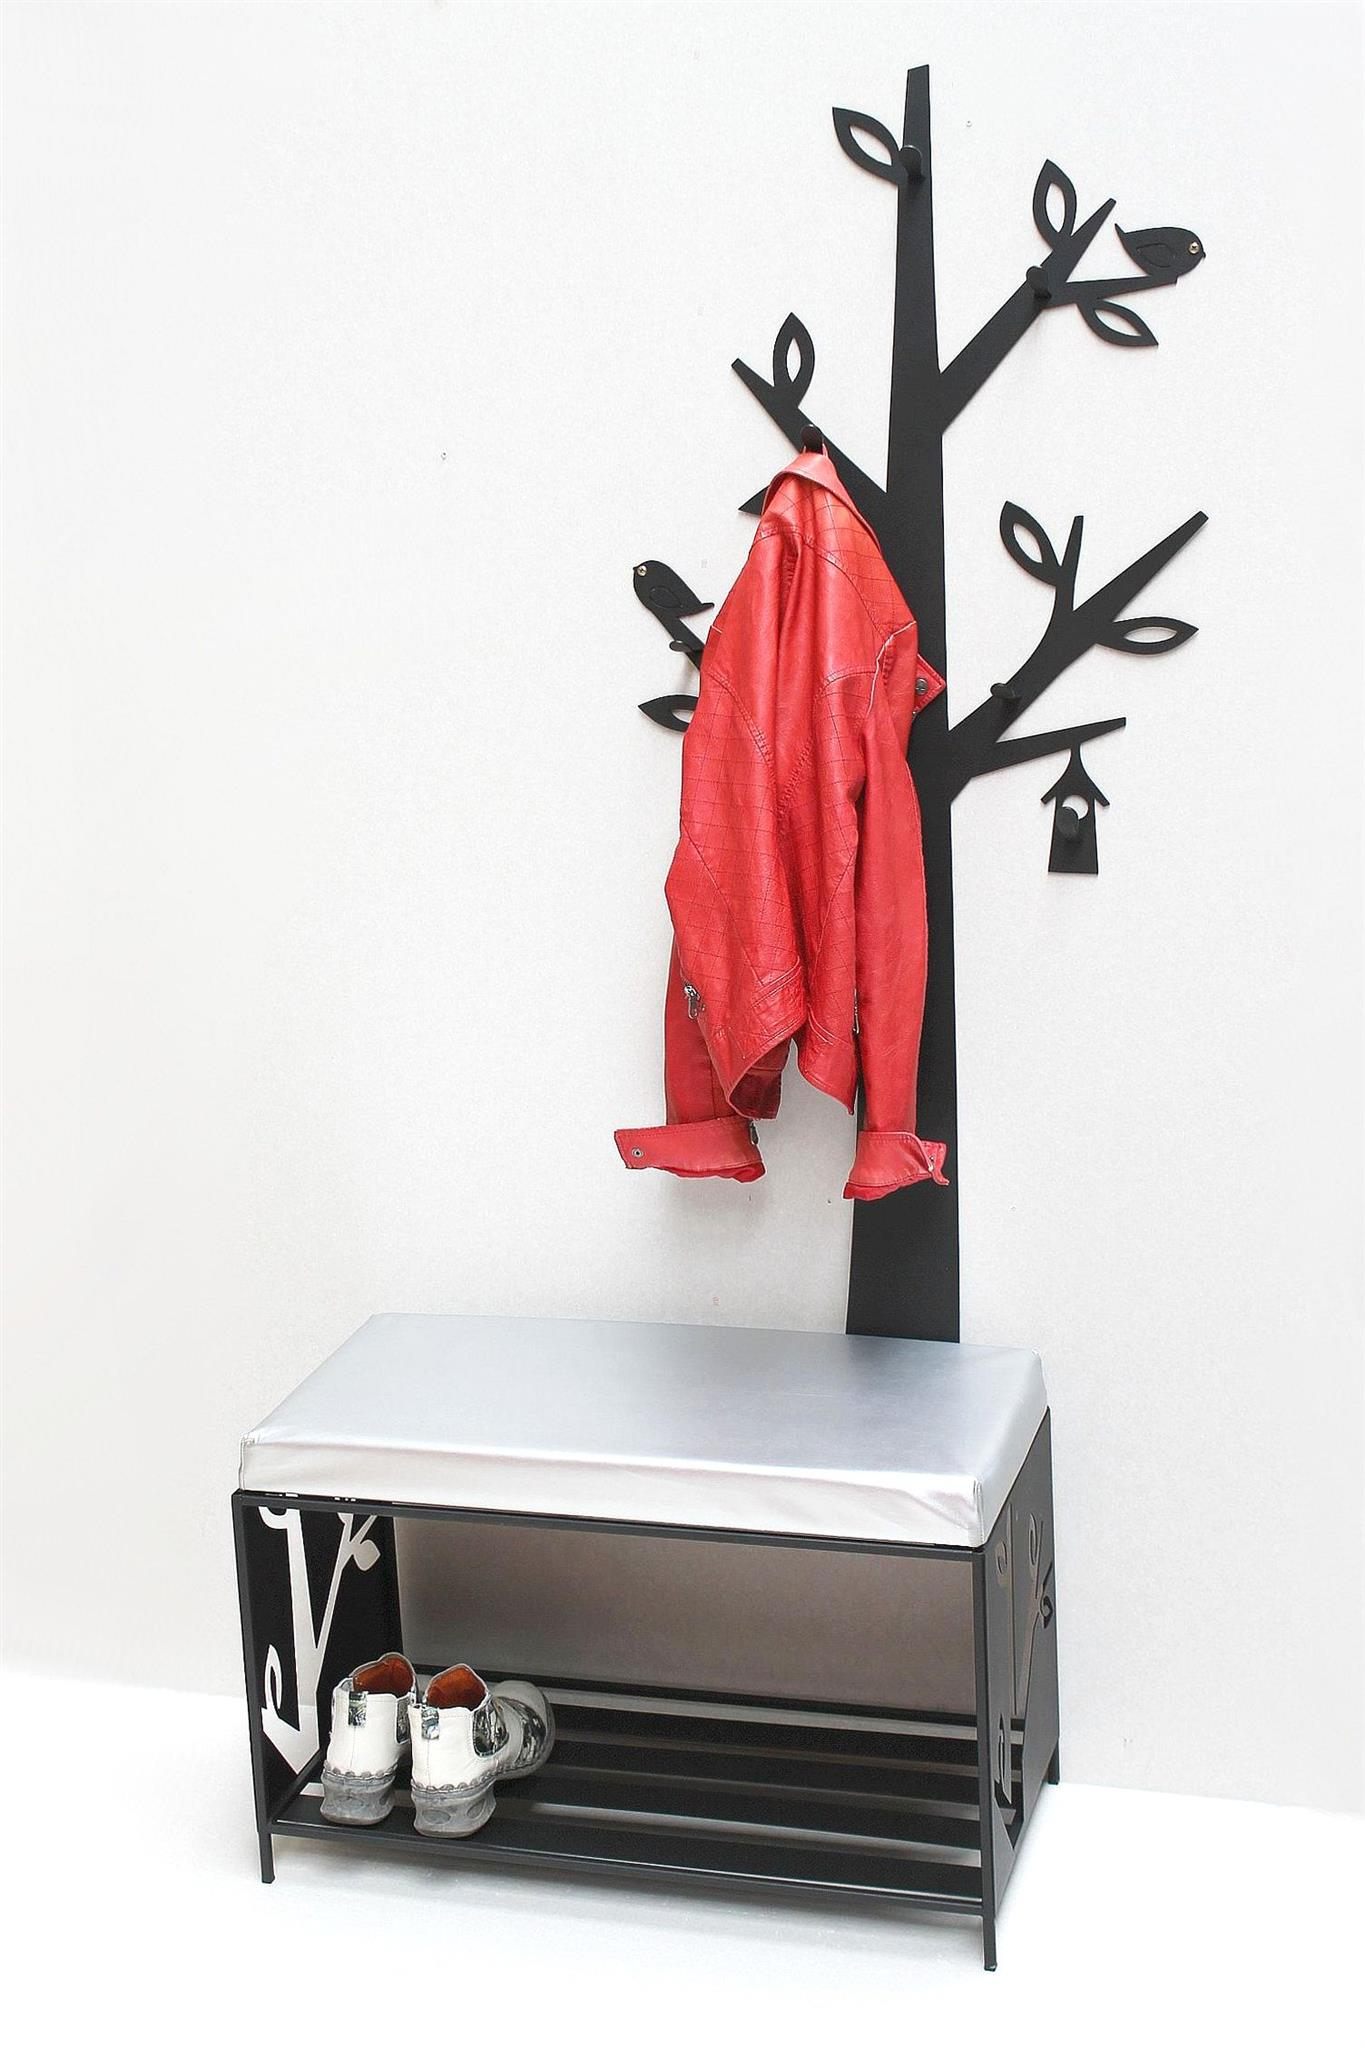 schuhregal mit sitzfläche wandgarderobe set baum metall schwarz